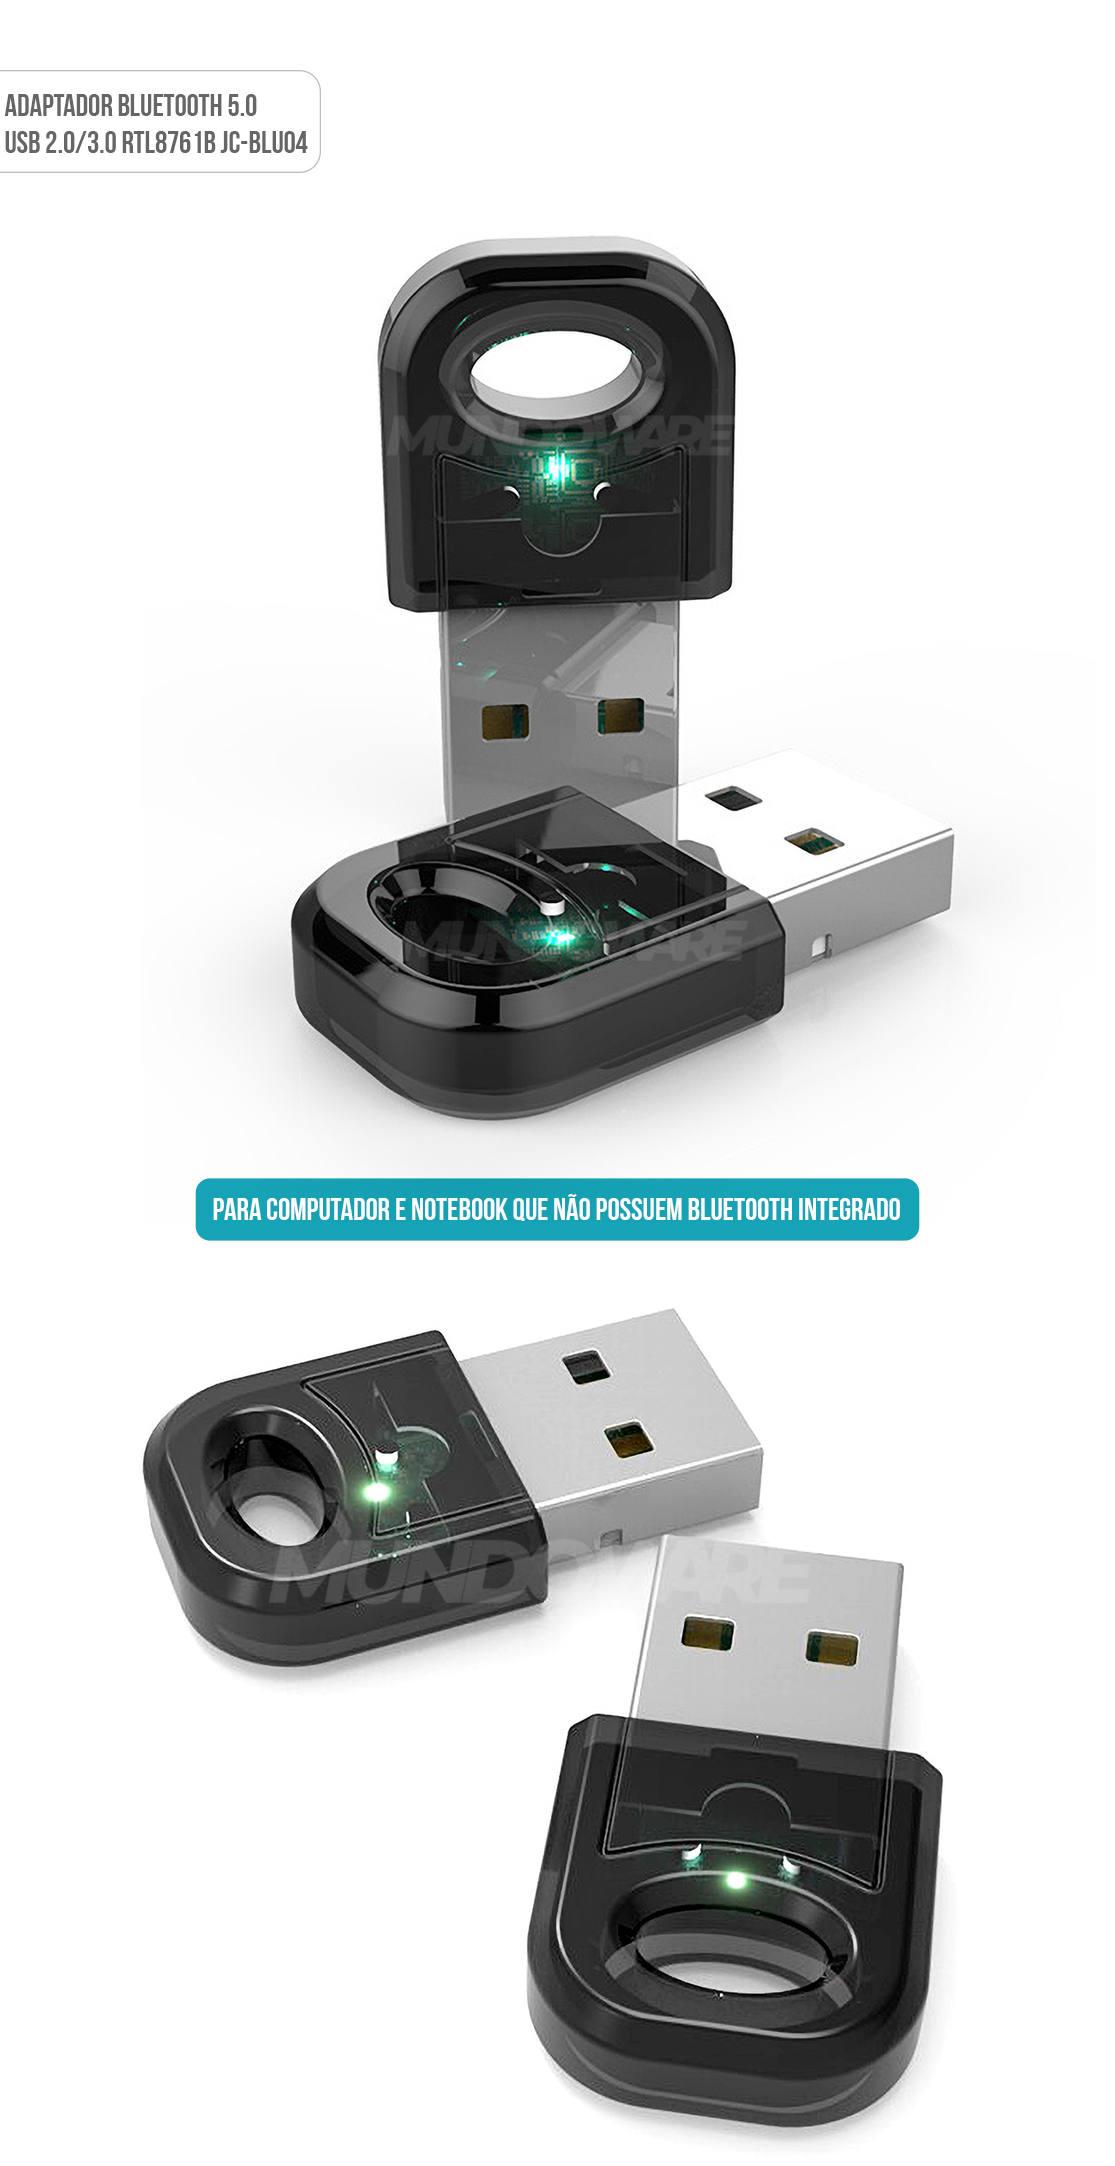 Adaptador USB Bluetooth 5.0 para Computador e Notebook Dongle JC-Blu04